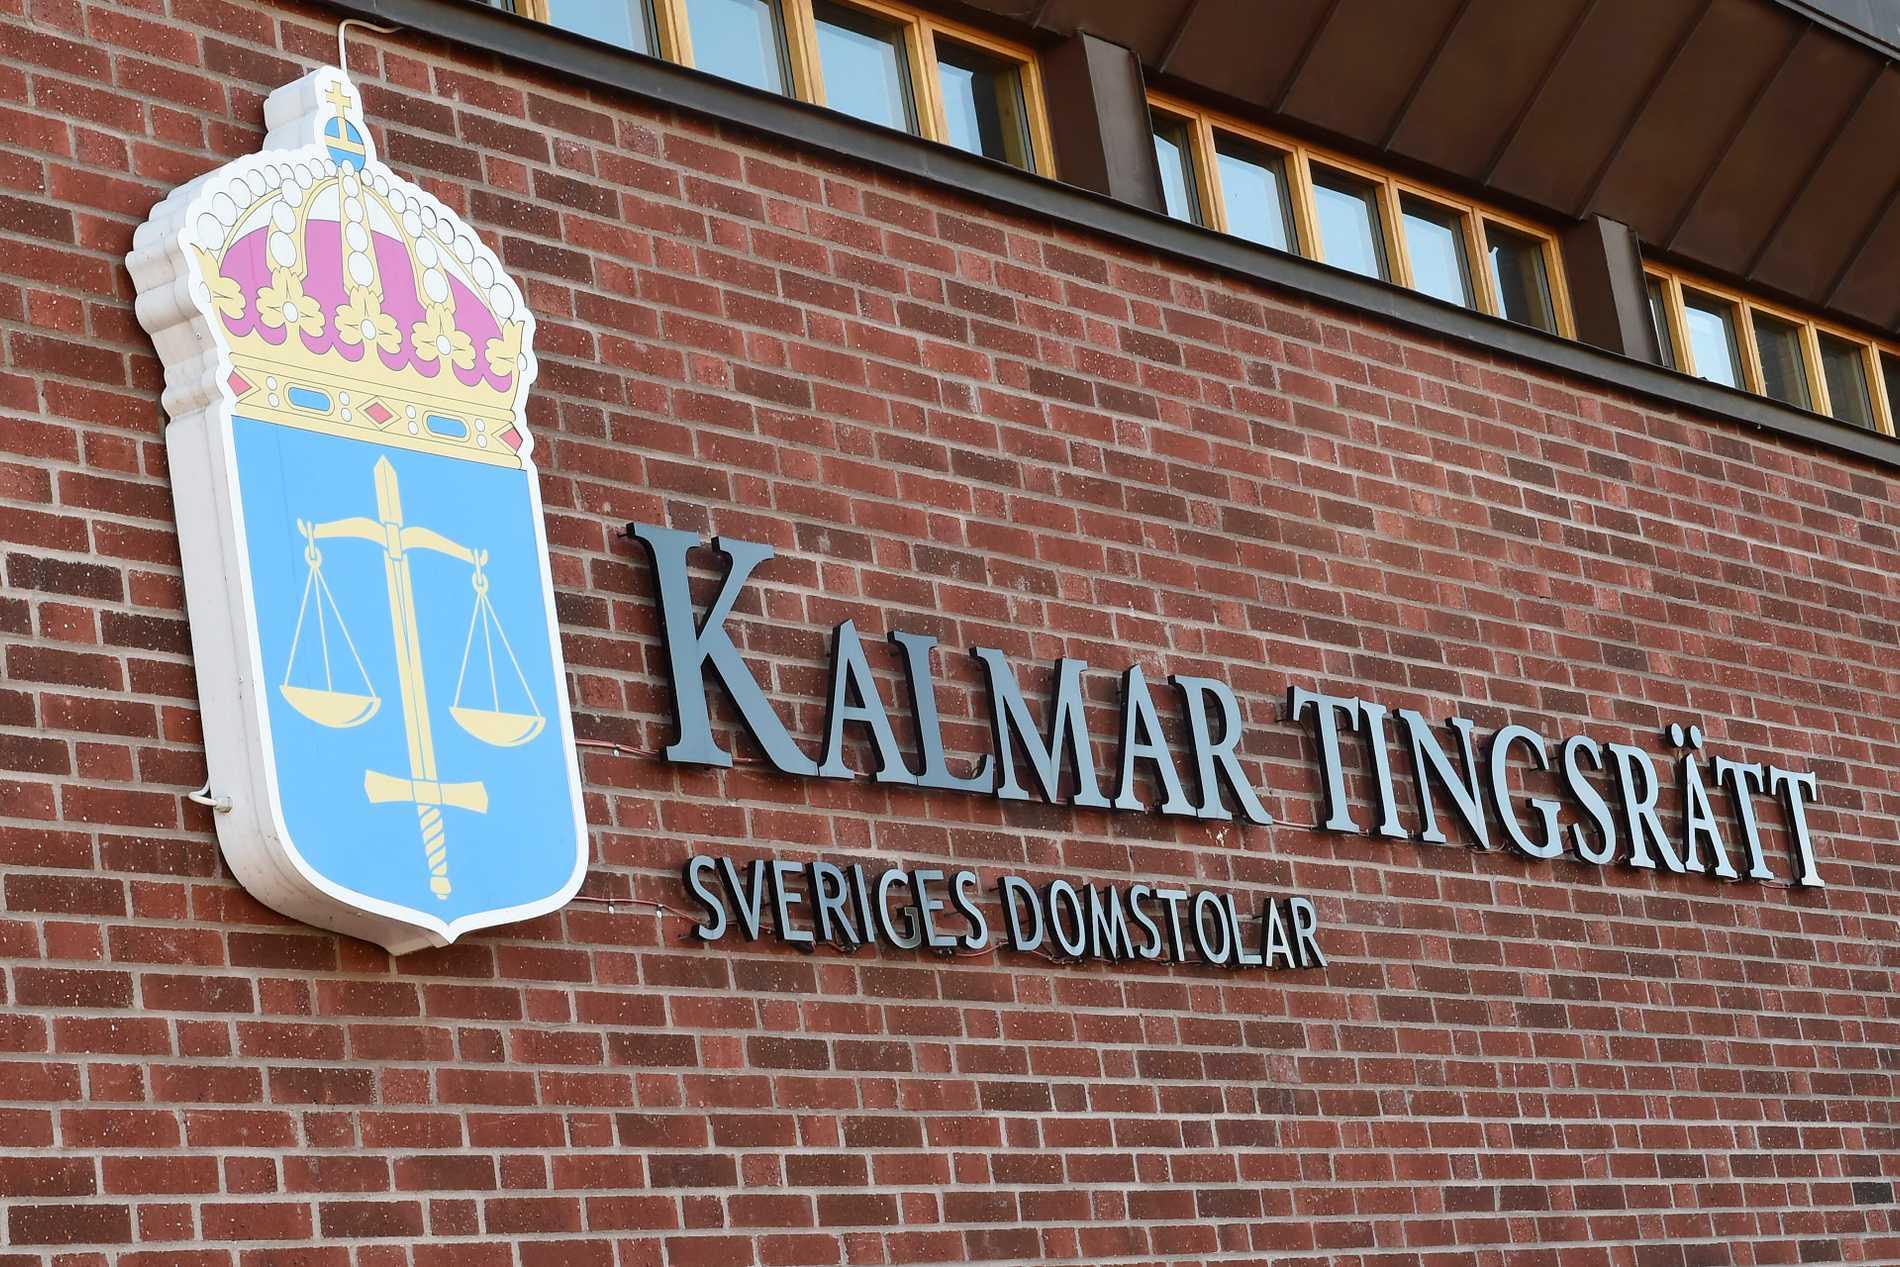 Kalmar tingsrätt dömer ett tidigare par till långa fängelsestraff för ett stort antal grova våldtäkter mot barn. Arkivbild.